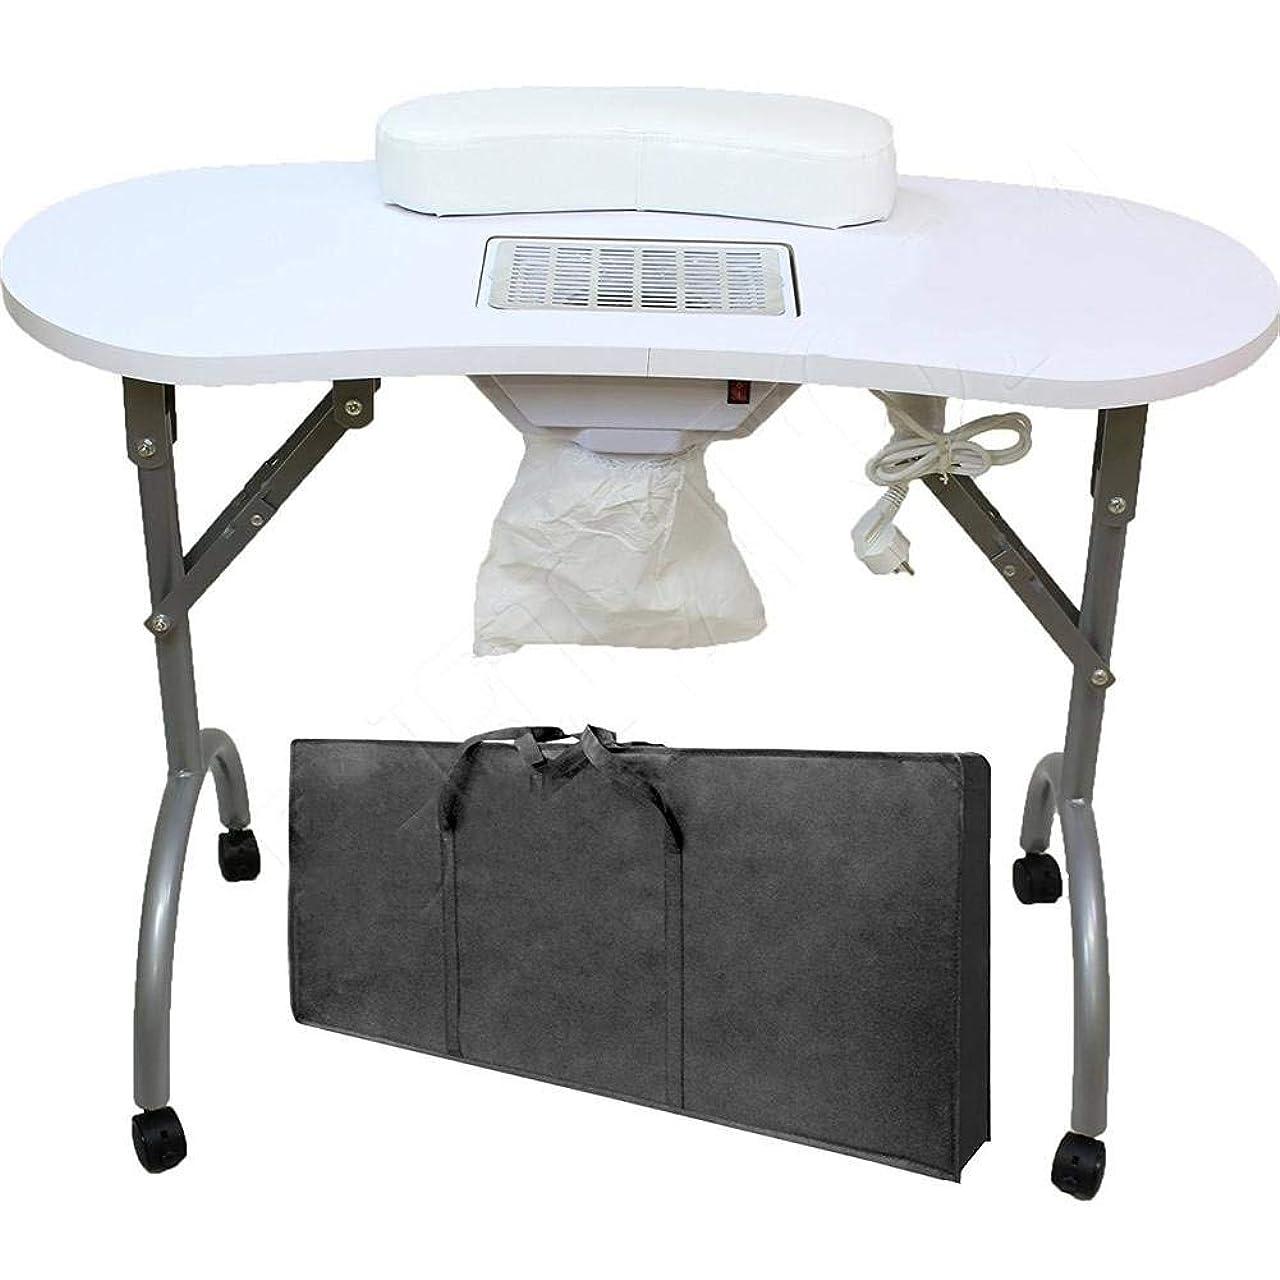 織機設計図規制ネイルテーブル折りたたみ式ポータブルマニキュアテーブルベントマニキュアテーブルネイルデスクサロンスパネイル掃除機andbag